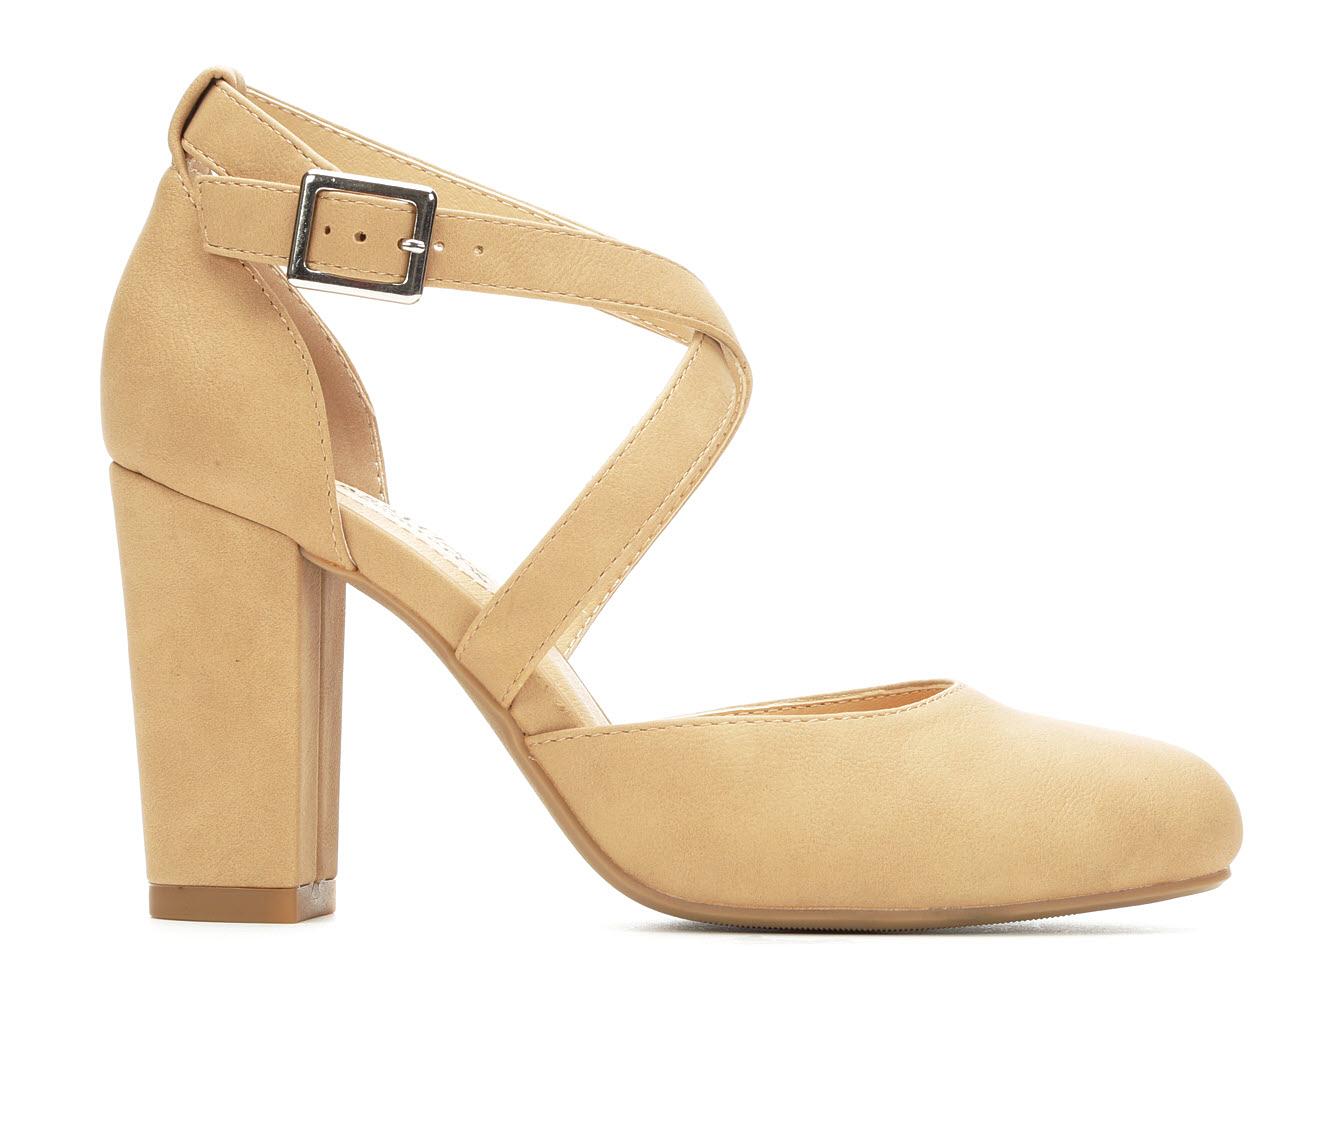 City Classified Husk Women's Dress Shoe (Beige Faux Leather)